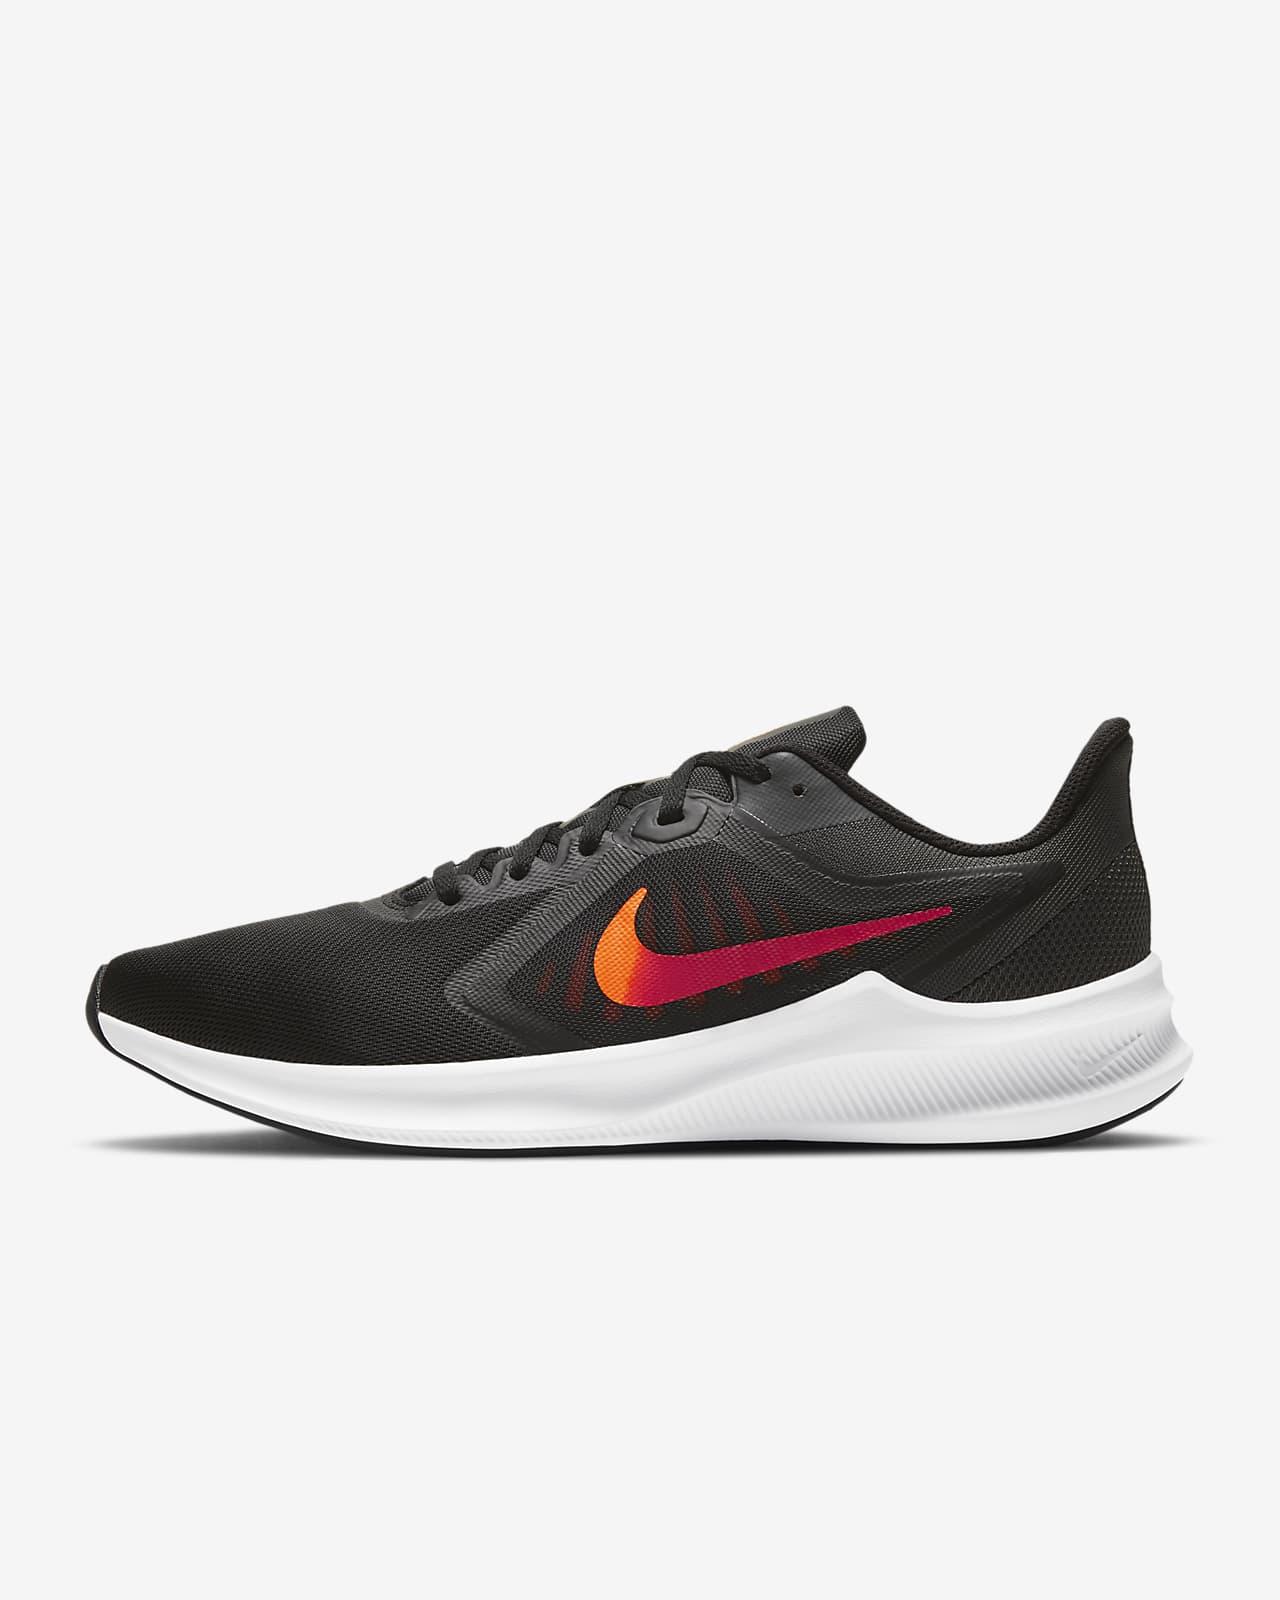 nike orange tennis shoes